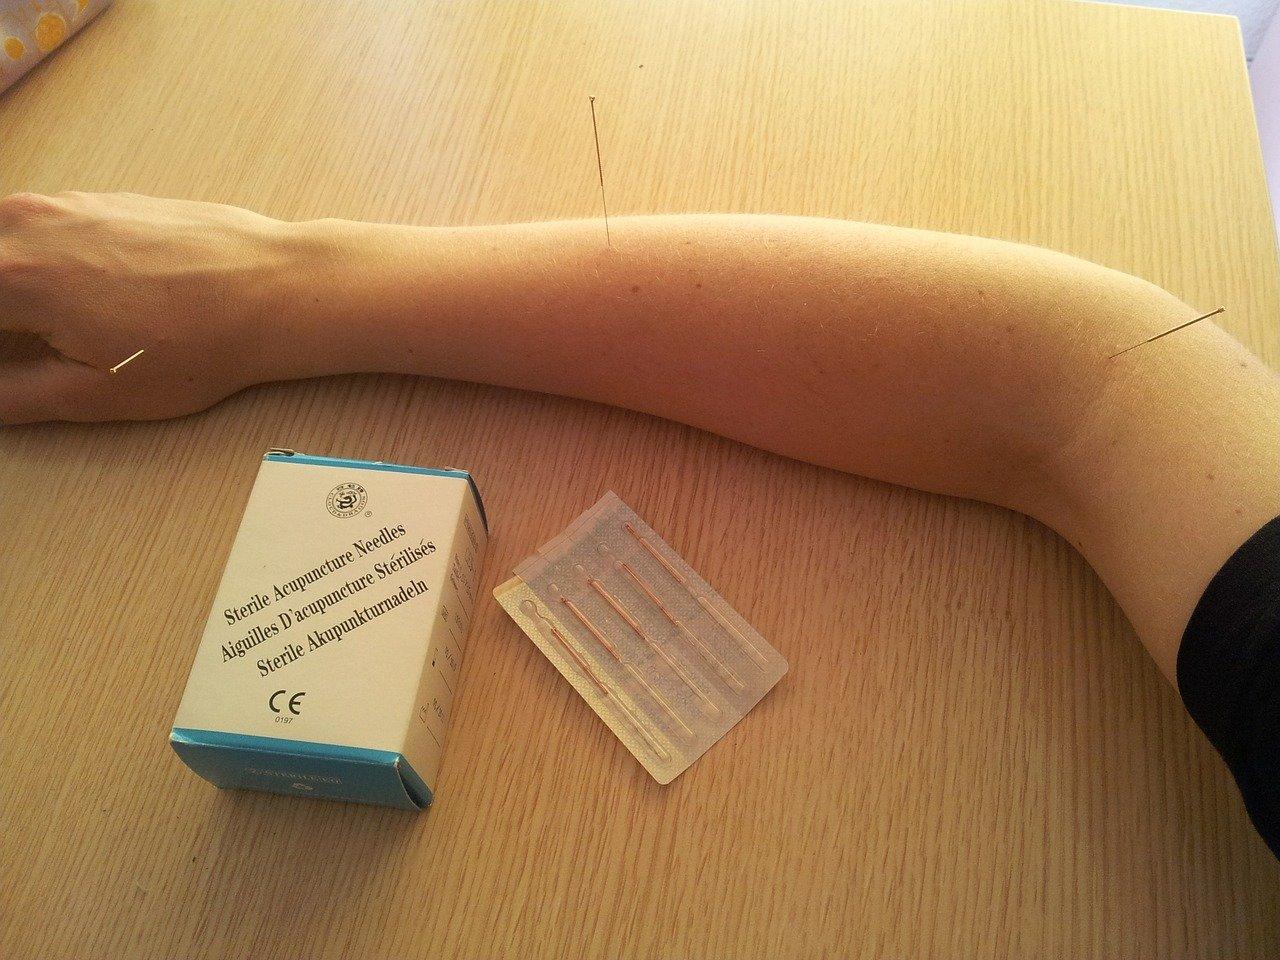 Fysiotherapie van Grootveld & van Kints behandeling fysiot